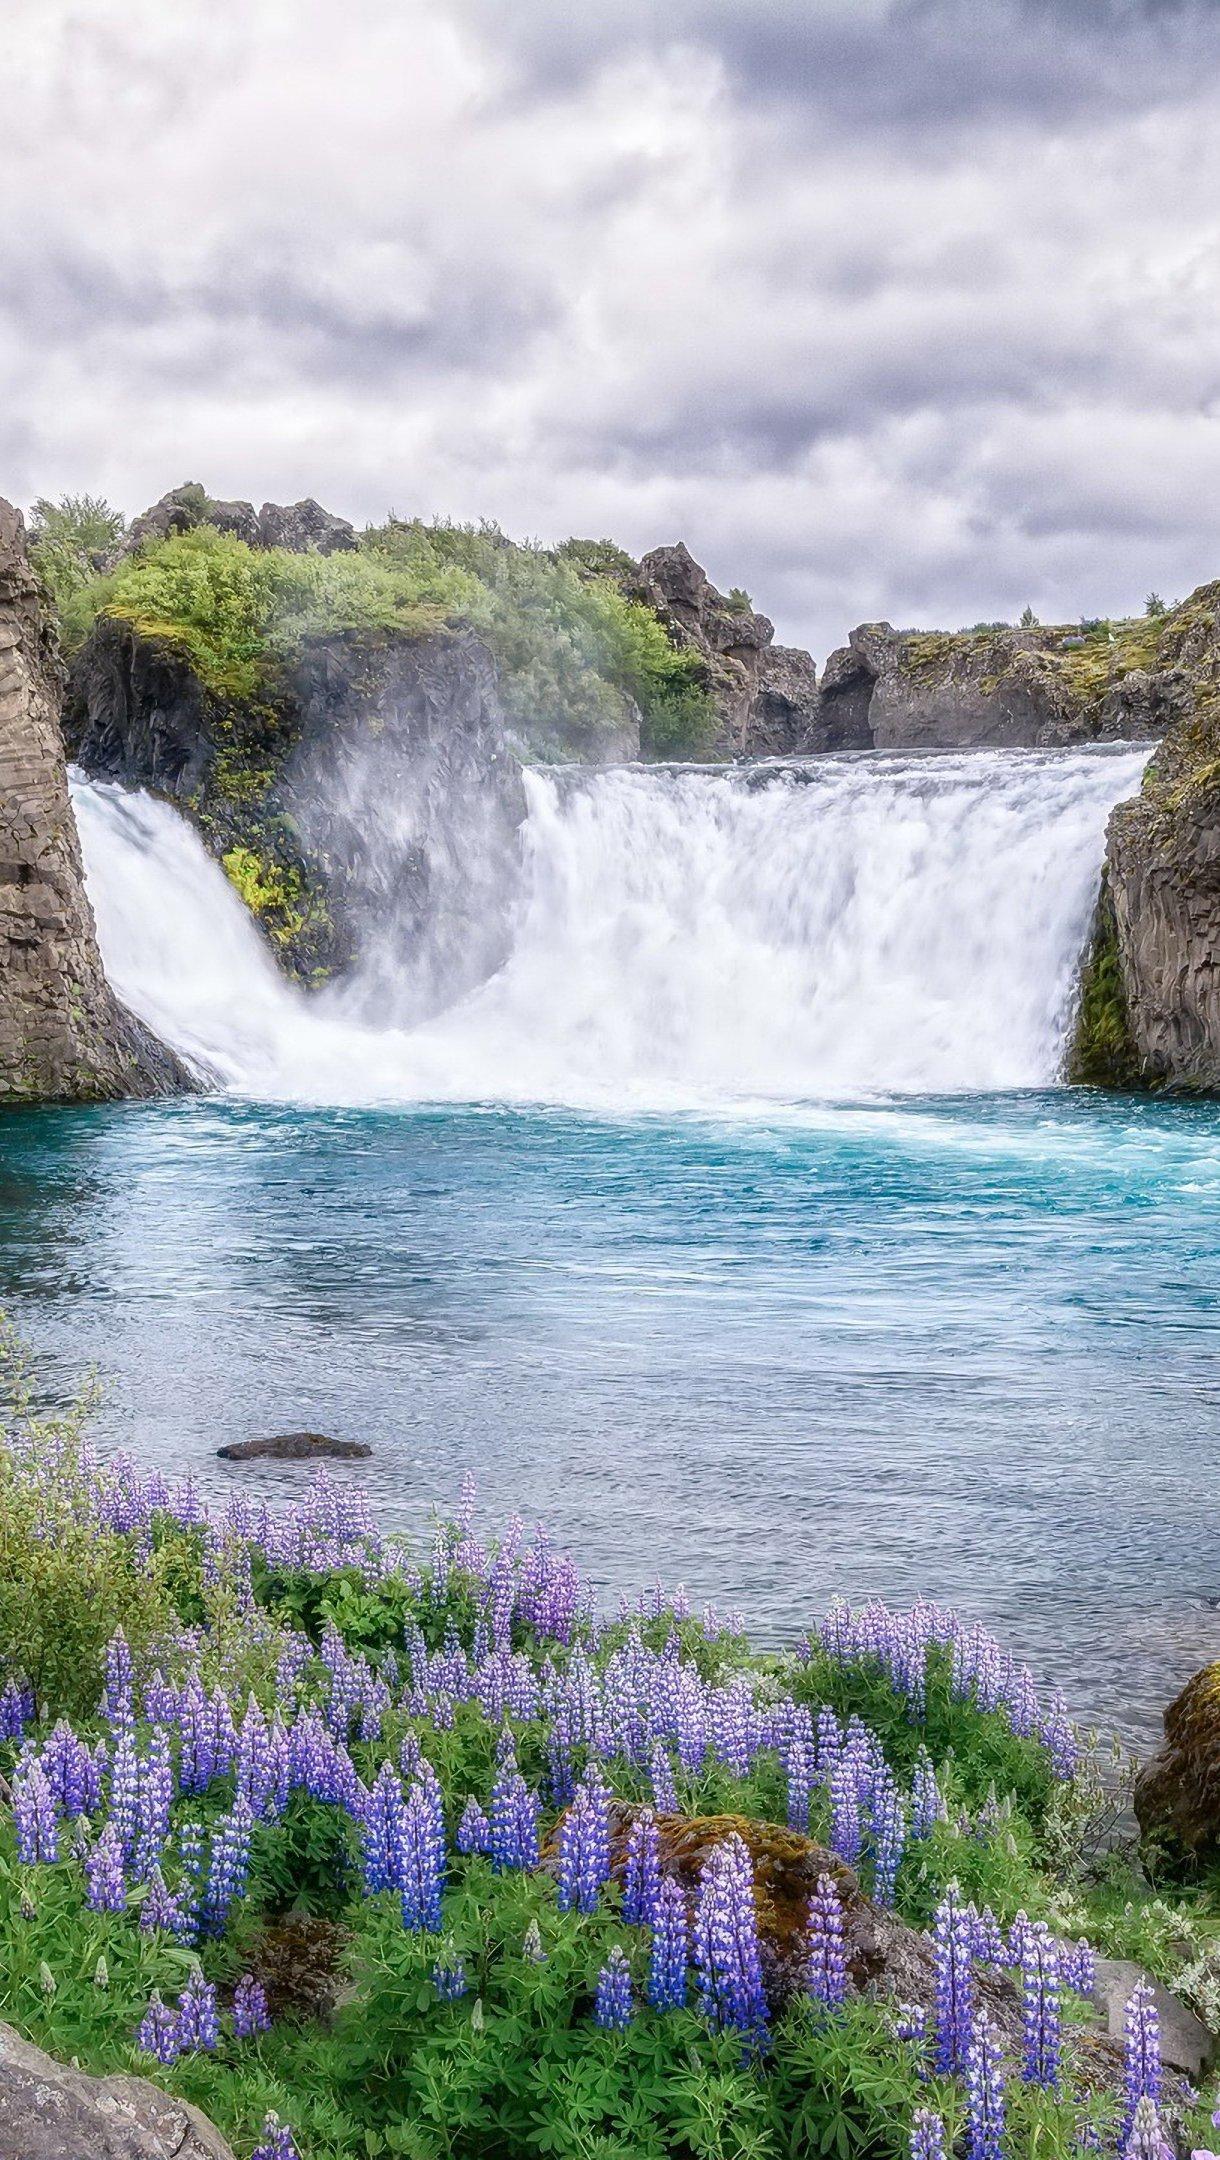 Fondos de pantalla Flores en lago y montañas Vertical